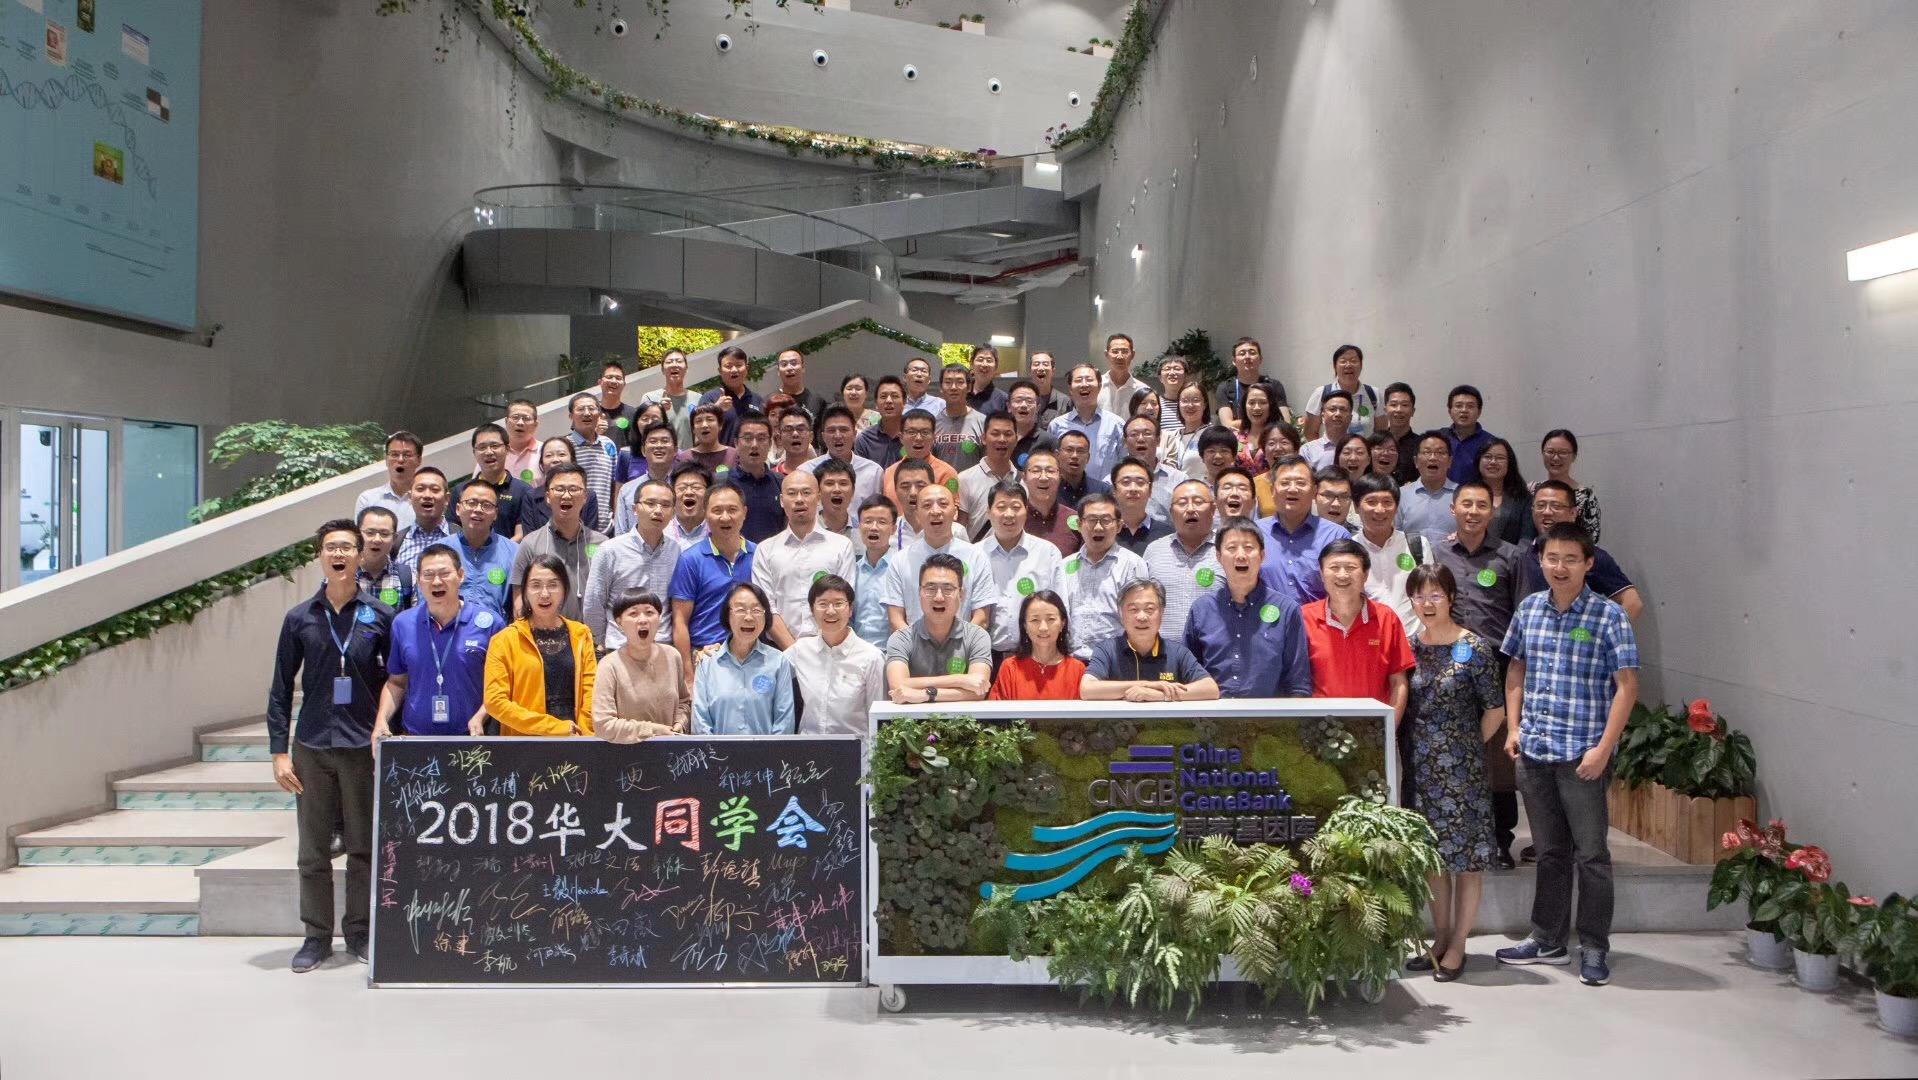 2018年华大同学会,忆峥嵘岁月,谋行业生态发展